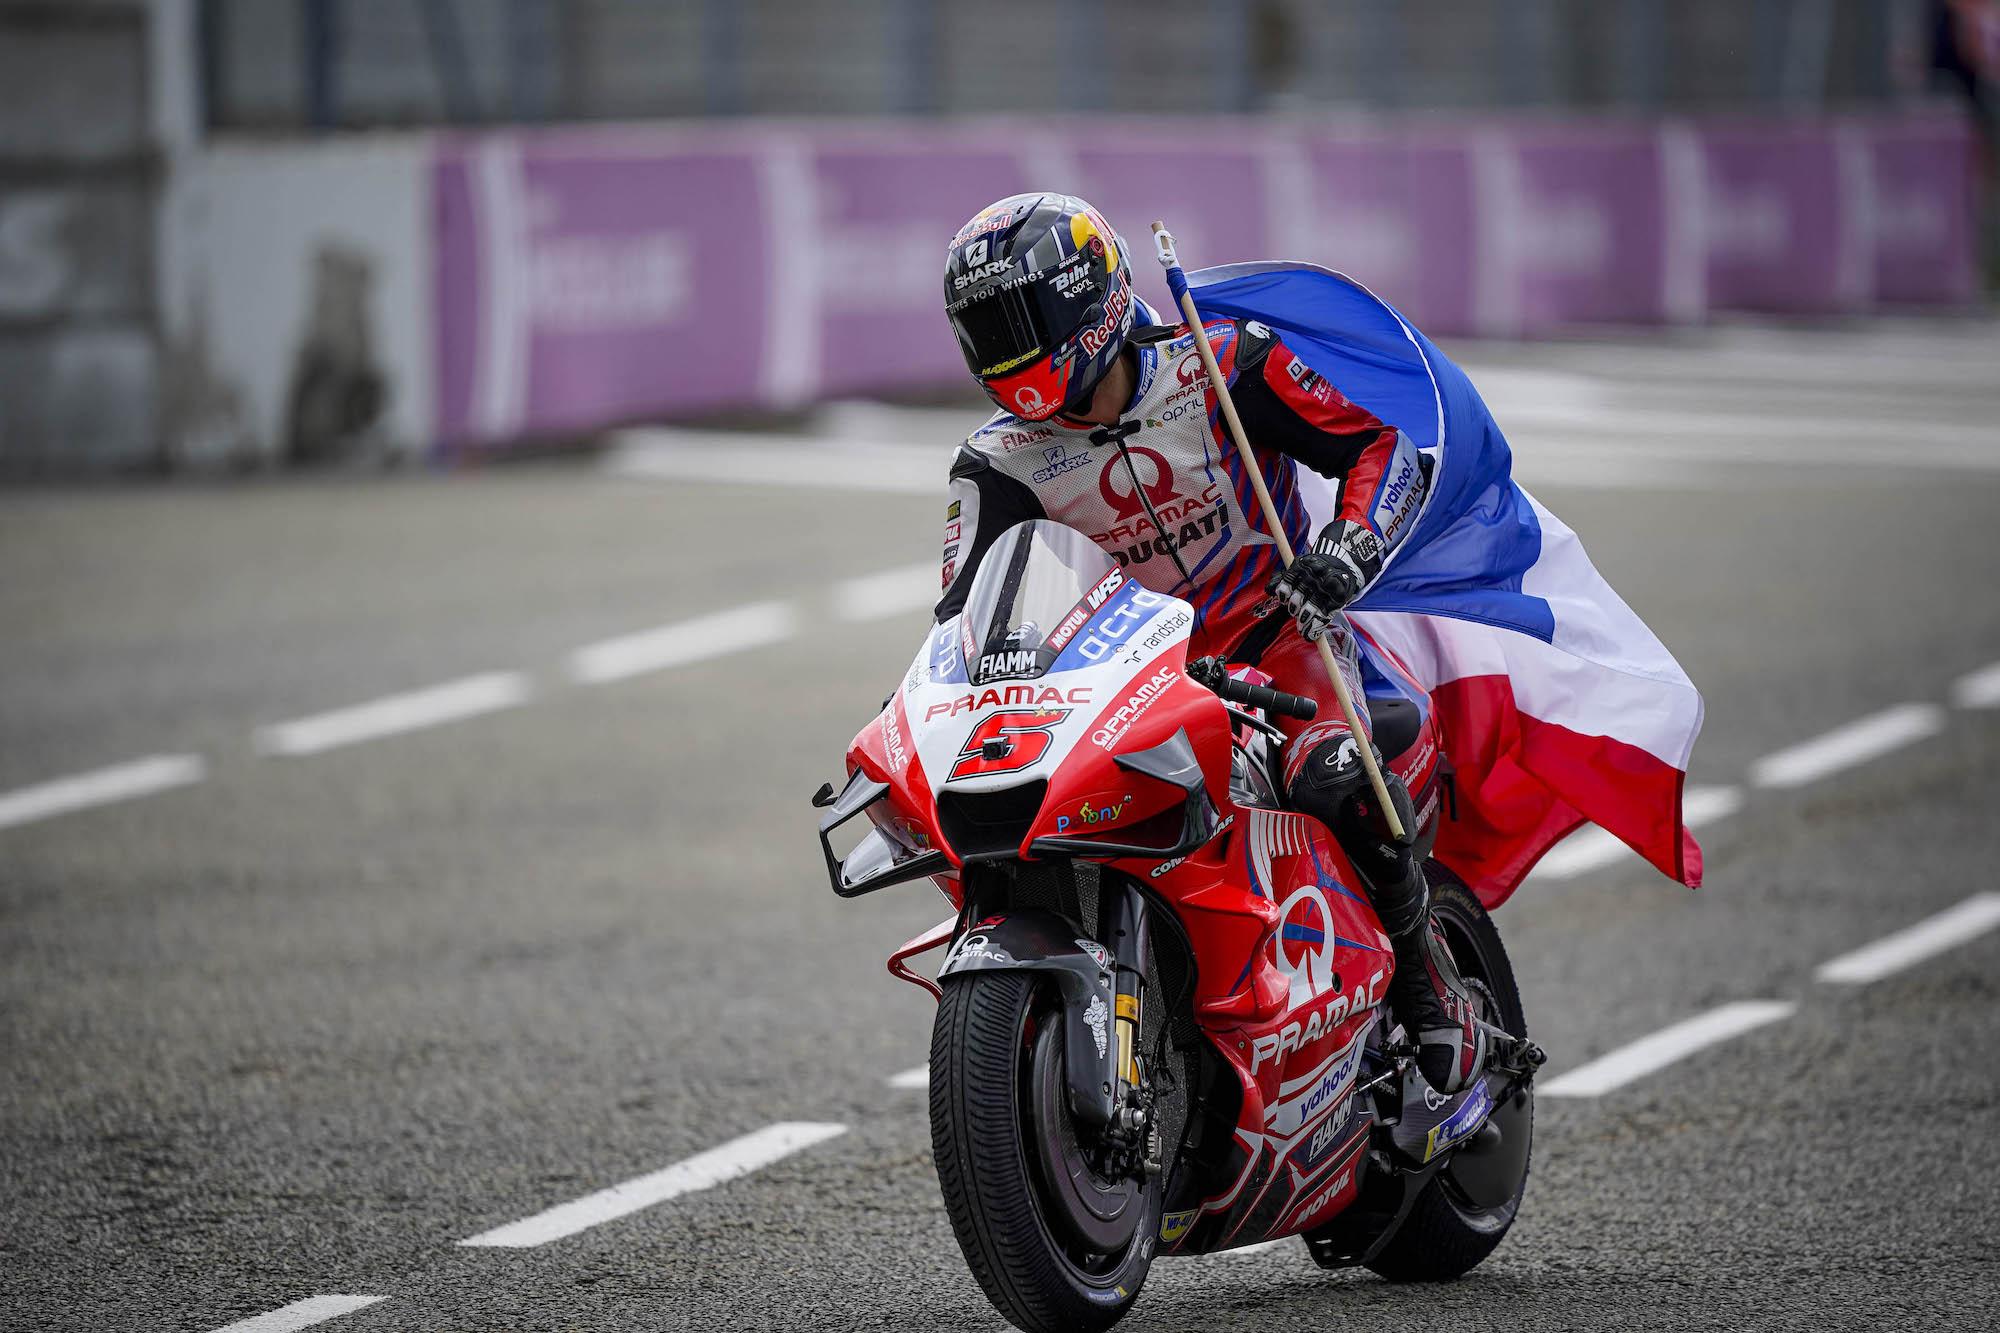 Johann Zarco na podium w GP Francji 2021